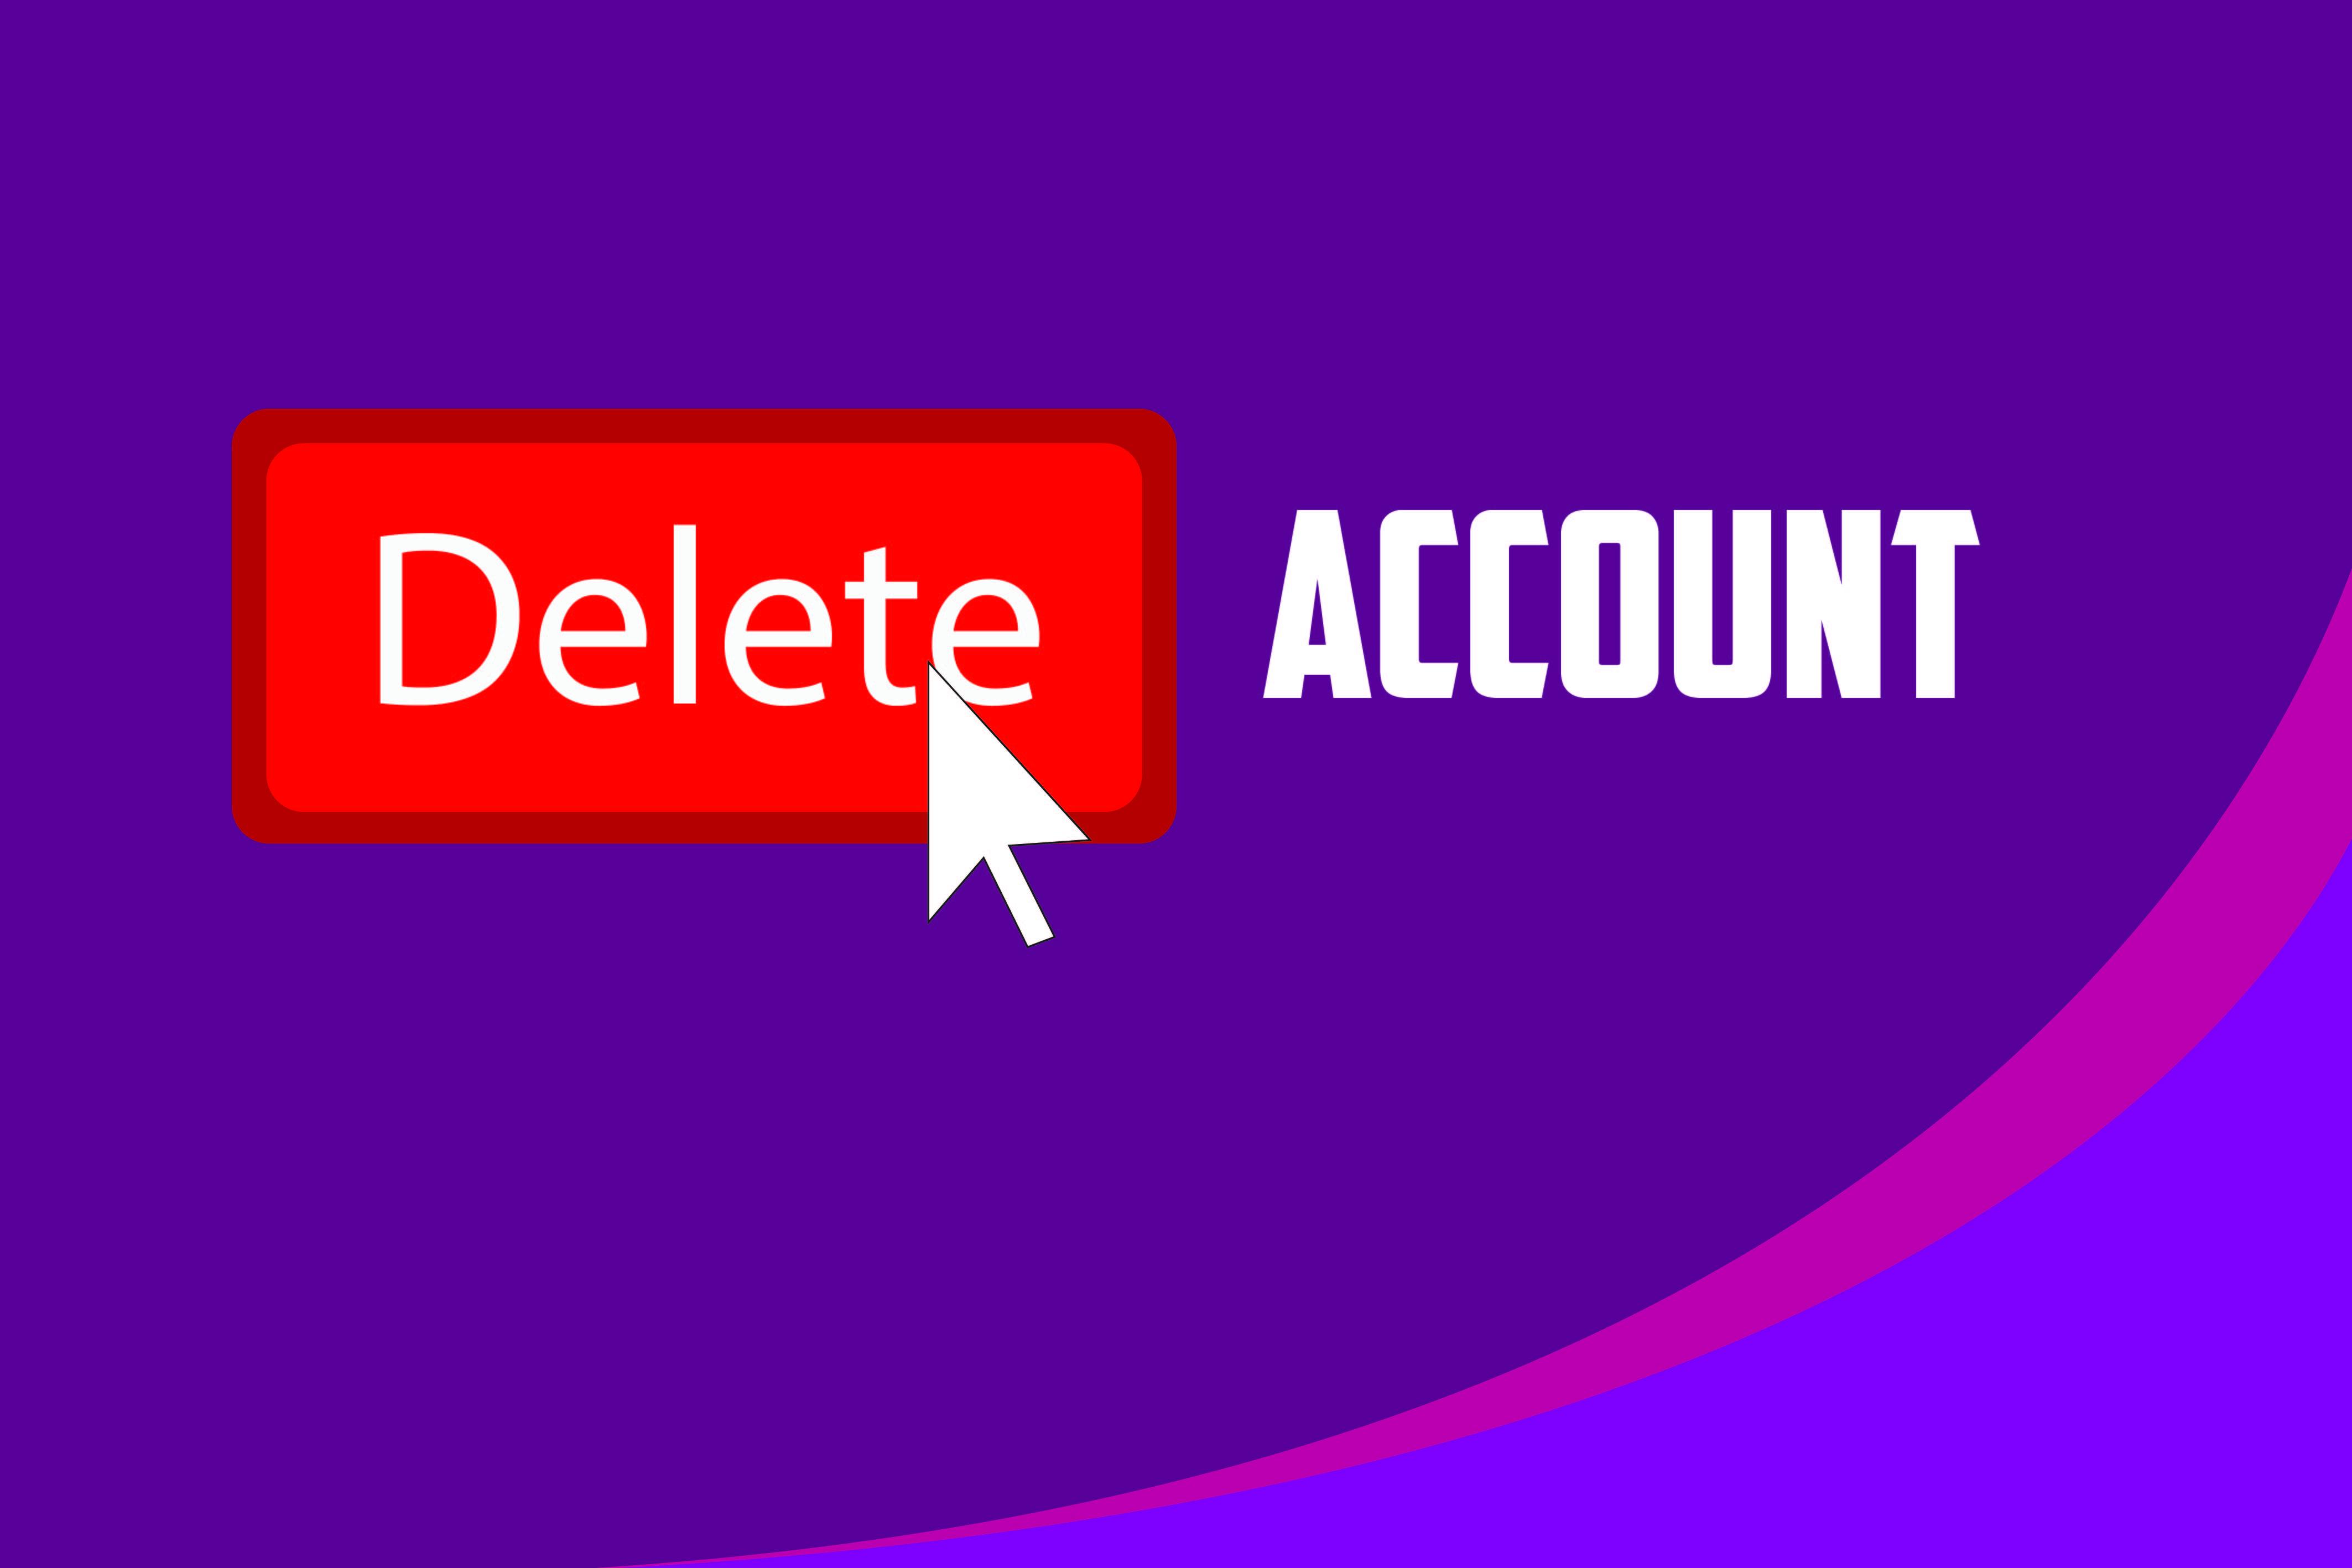 چطور حساب کاربری پیپینگ خود را حذف کنیم؟